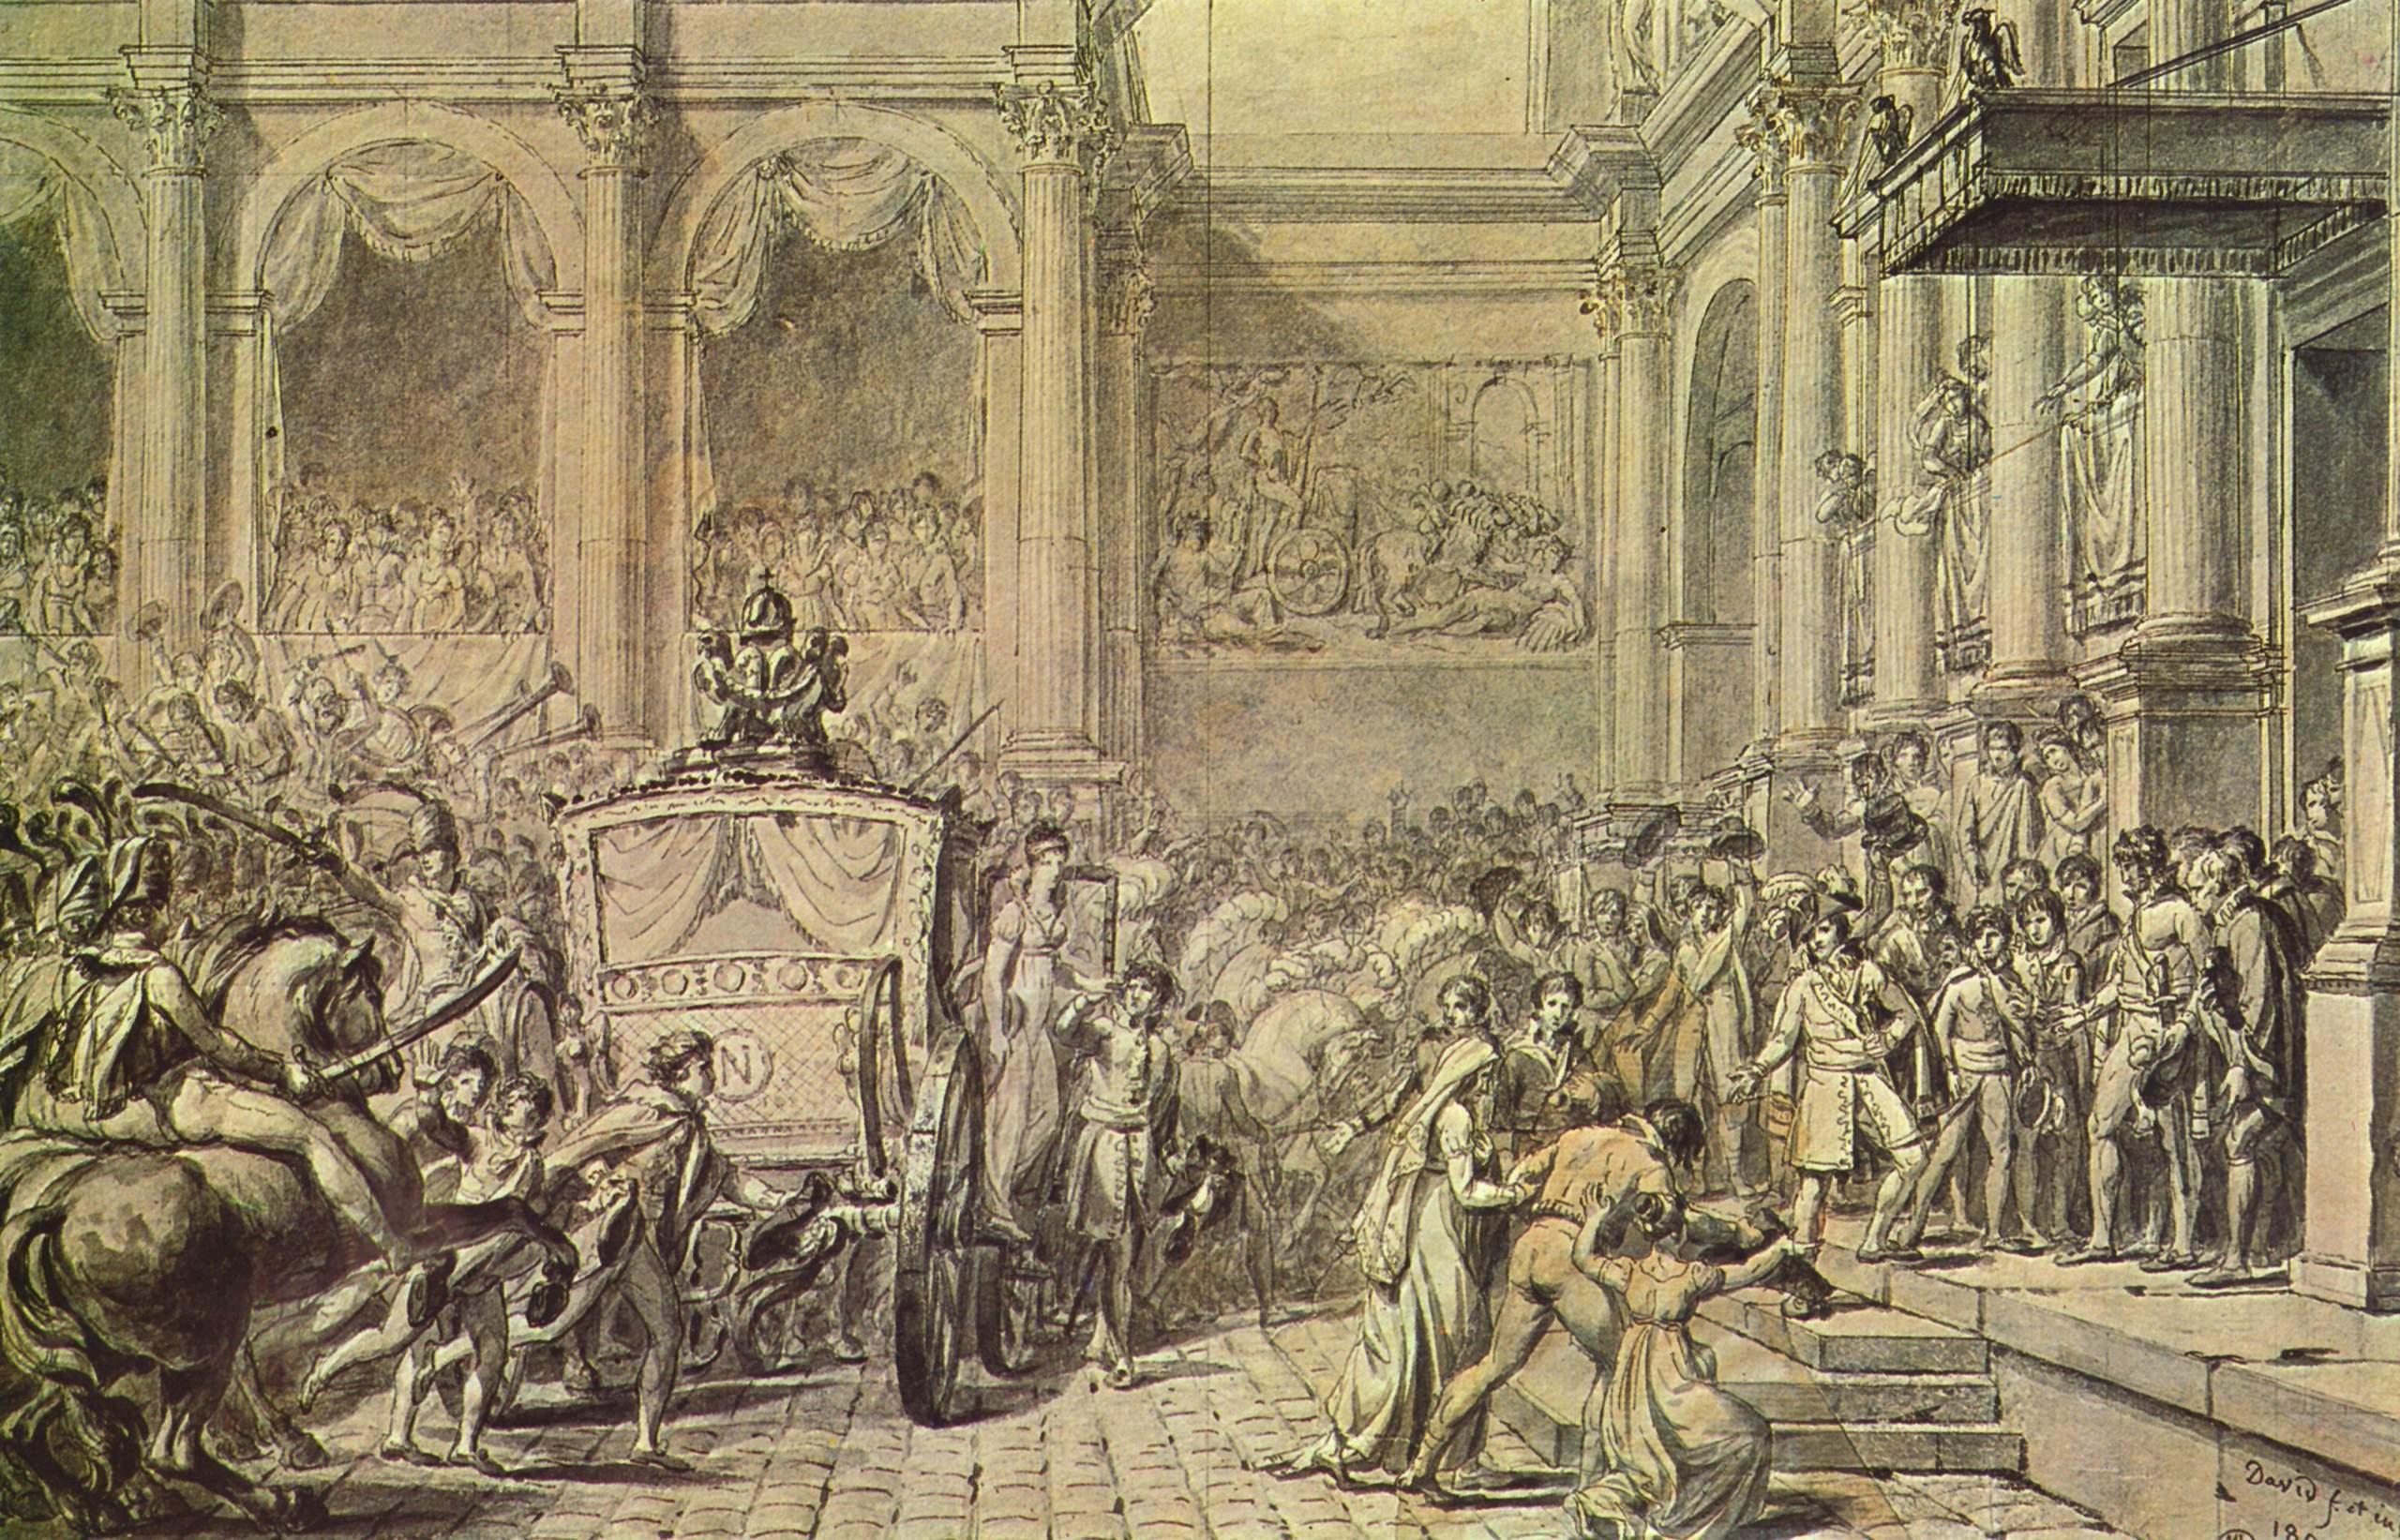 Прибытие Наполеона в ратушу, Жак - Луи Давид